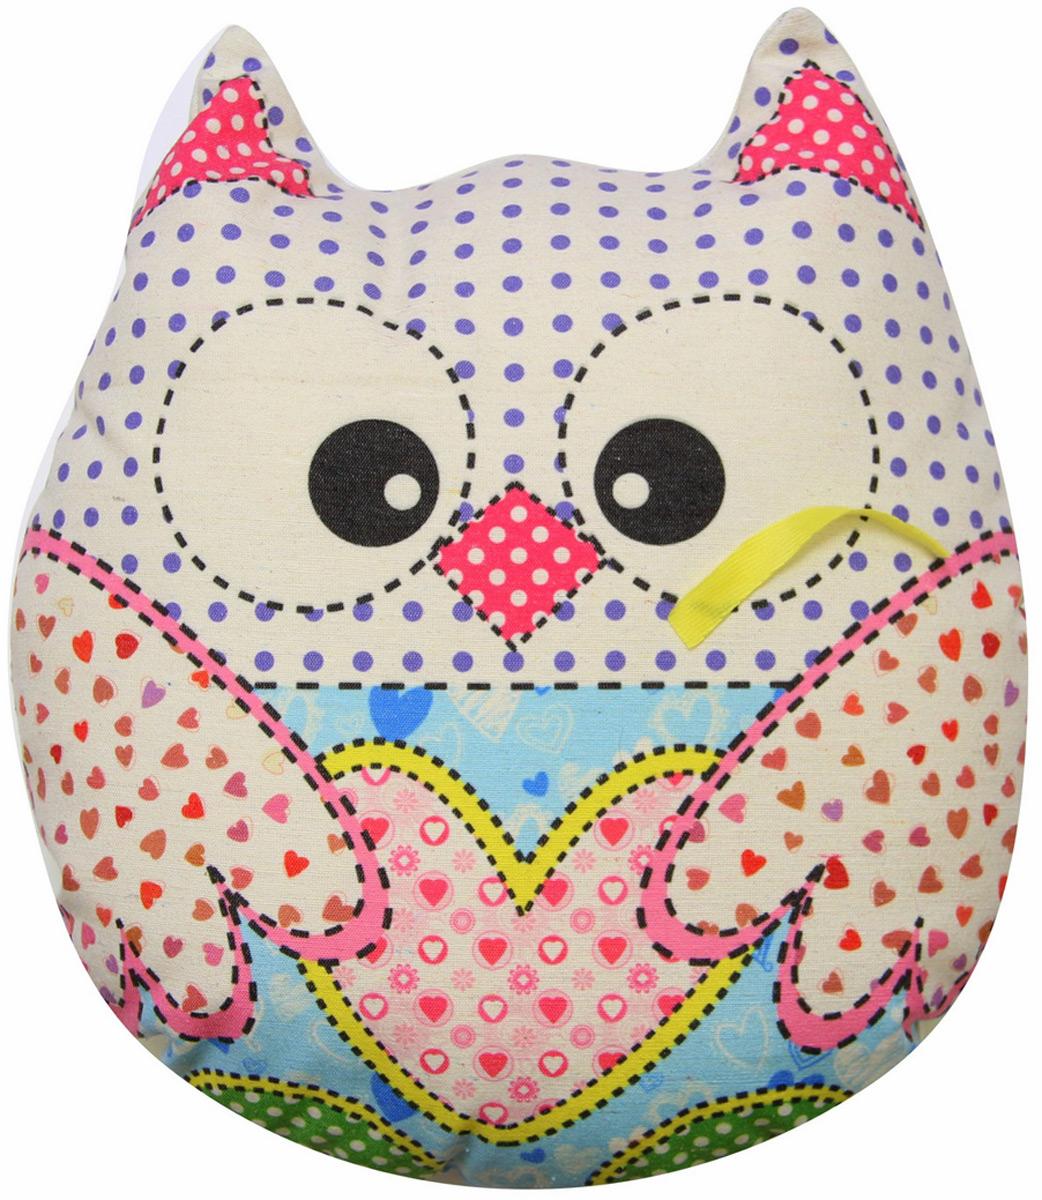 """Подушка-игрушка декоративная Штучки, к которым тянутся ручки """"Совы холст"""", цвет: белый, голубой, 41 x 38 см"""